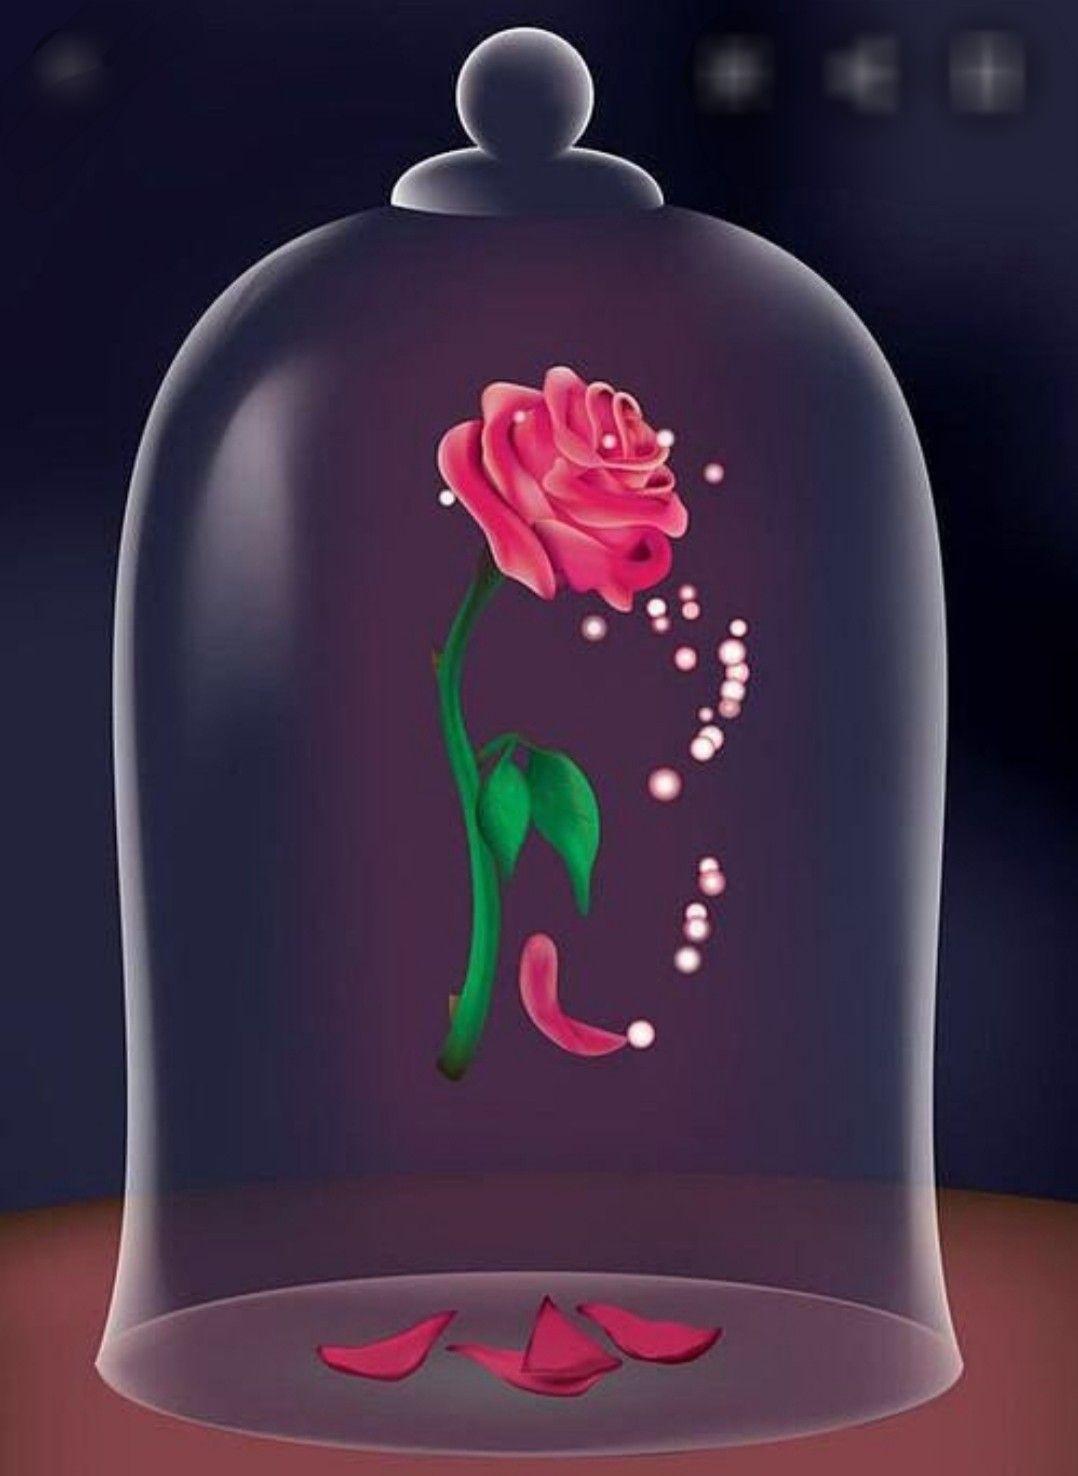 Rose De La Belle Et La Bete : belle, Belle, Bête, Bete,, Bête,